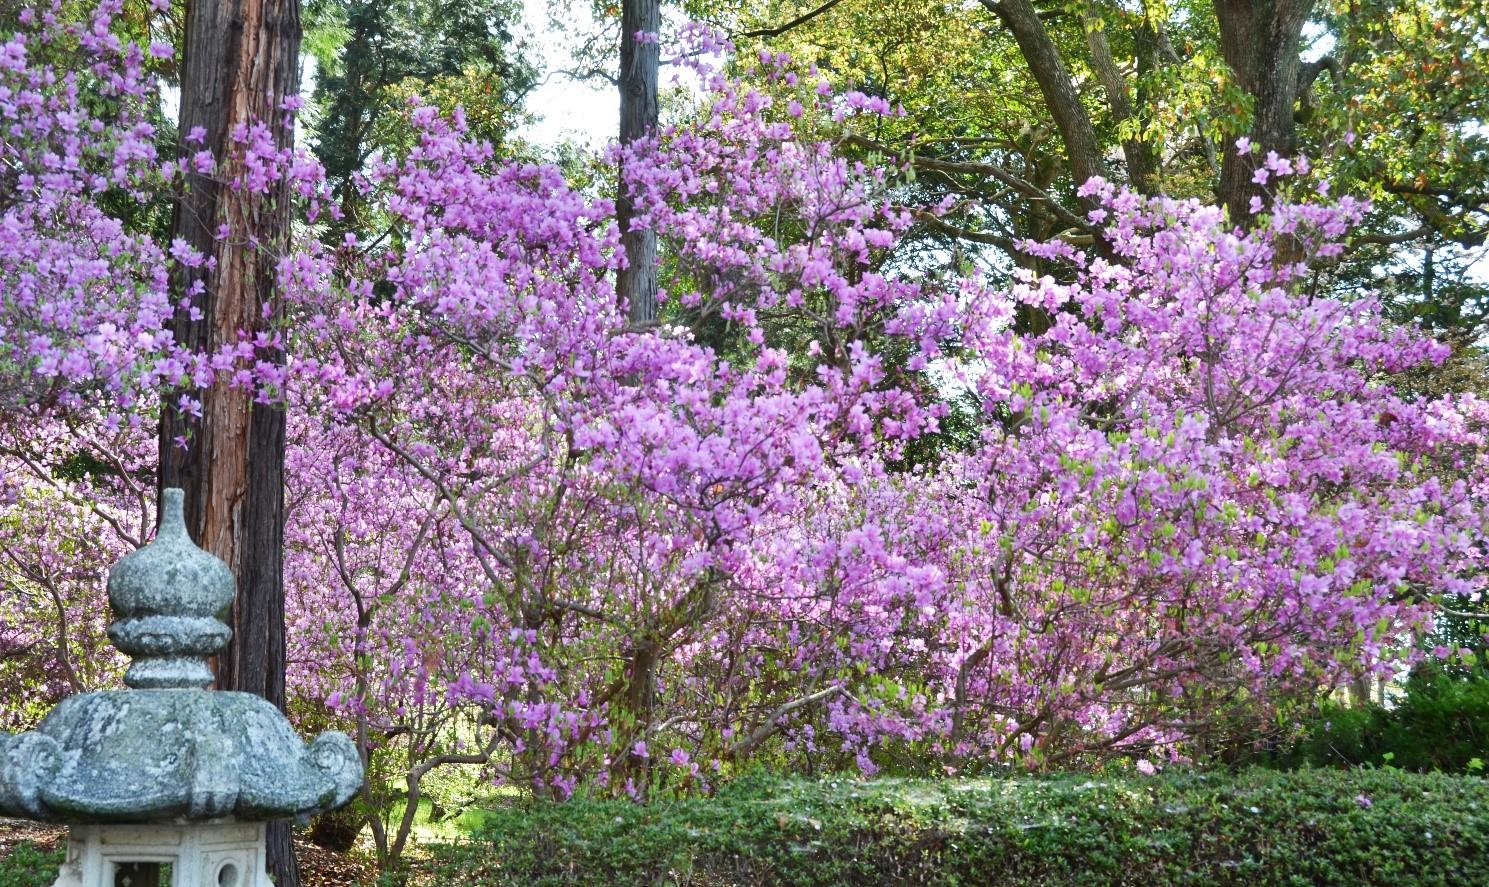 鈴鹿市の伊奈冨(いのう)神社の境内に咲く小葉の三つ葉つつじ